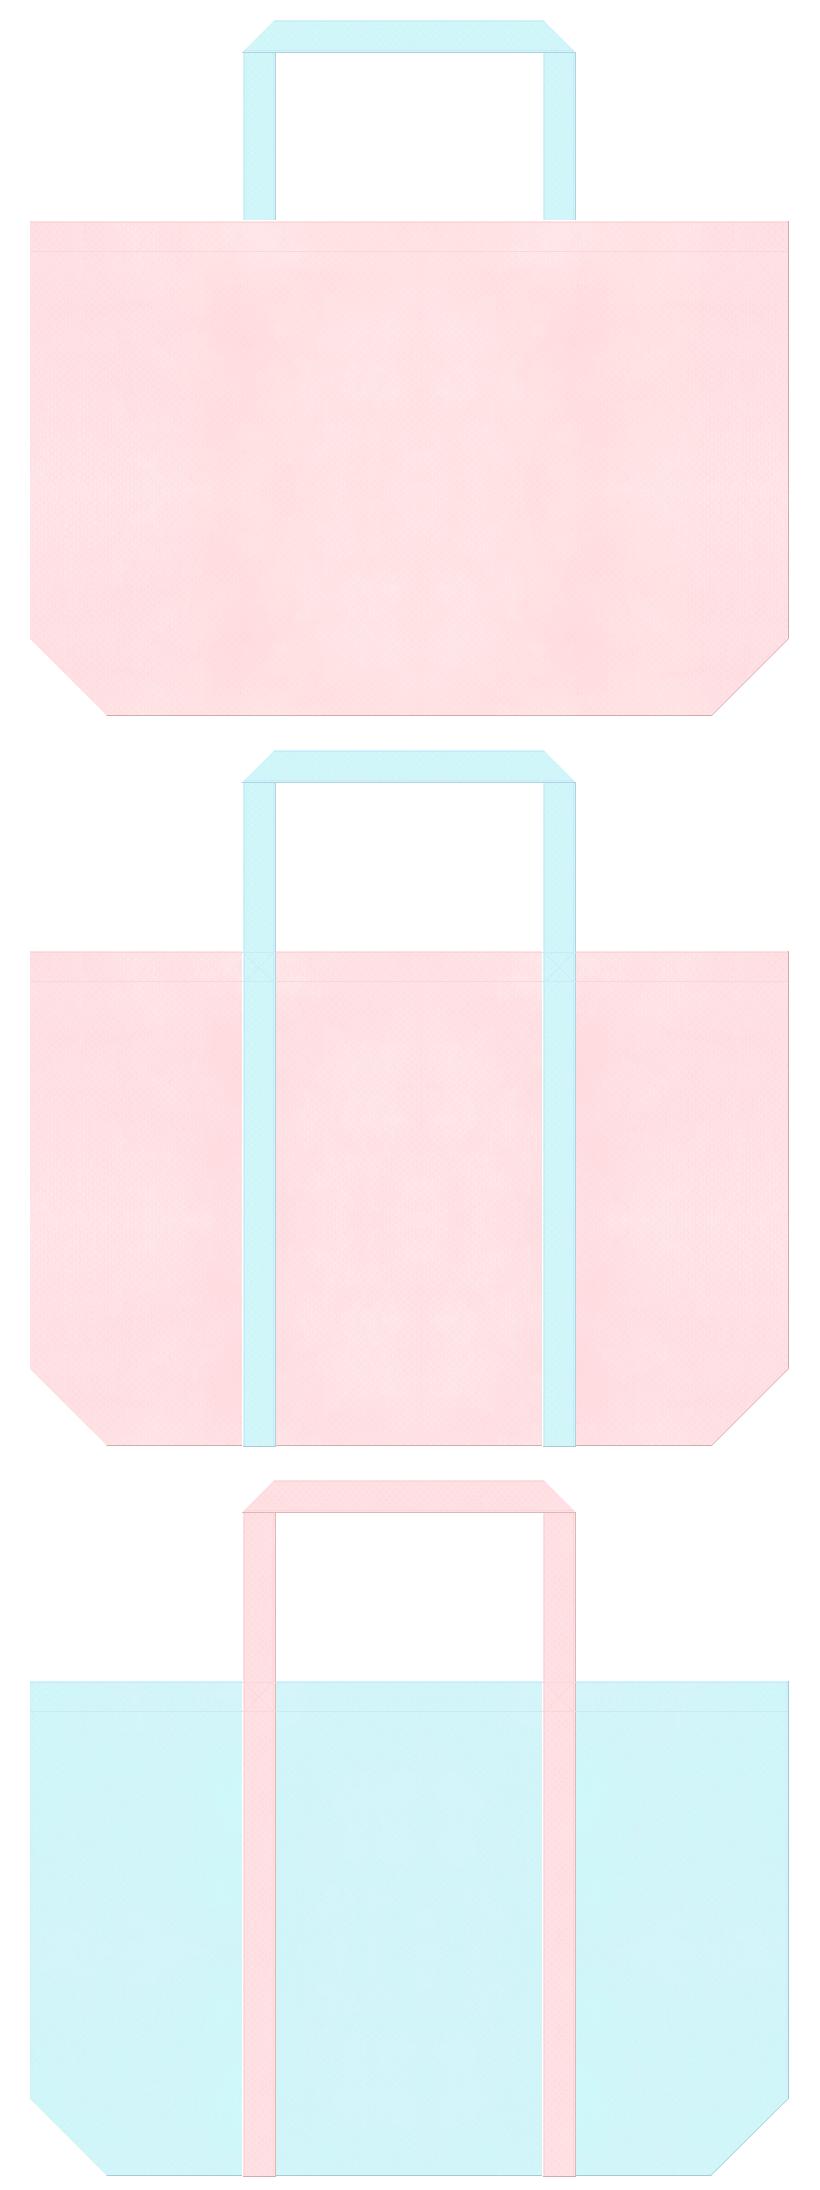 パステルカラー・桜・お花見・ファンシー・プリティ・お姫様・人魚・マカロン・ガーリー・フェミニン・石鹸・入浴剤・バス用品の販促イベントにお奨めの不織布バッグデザイン:桜色と水色のコーデ